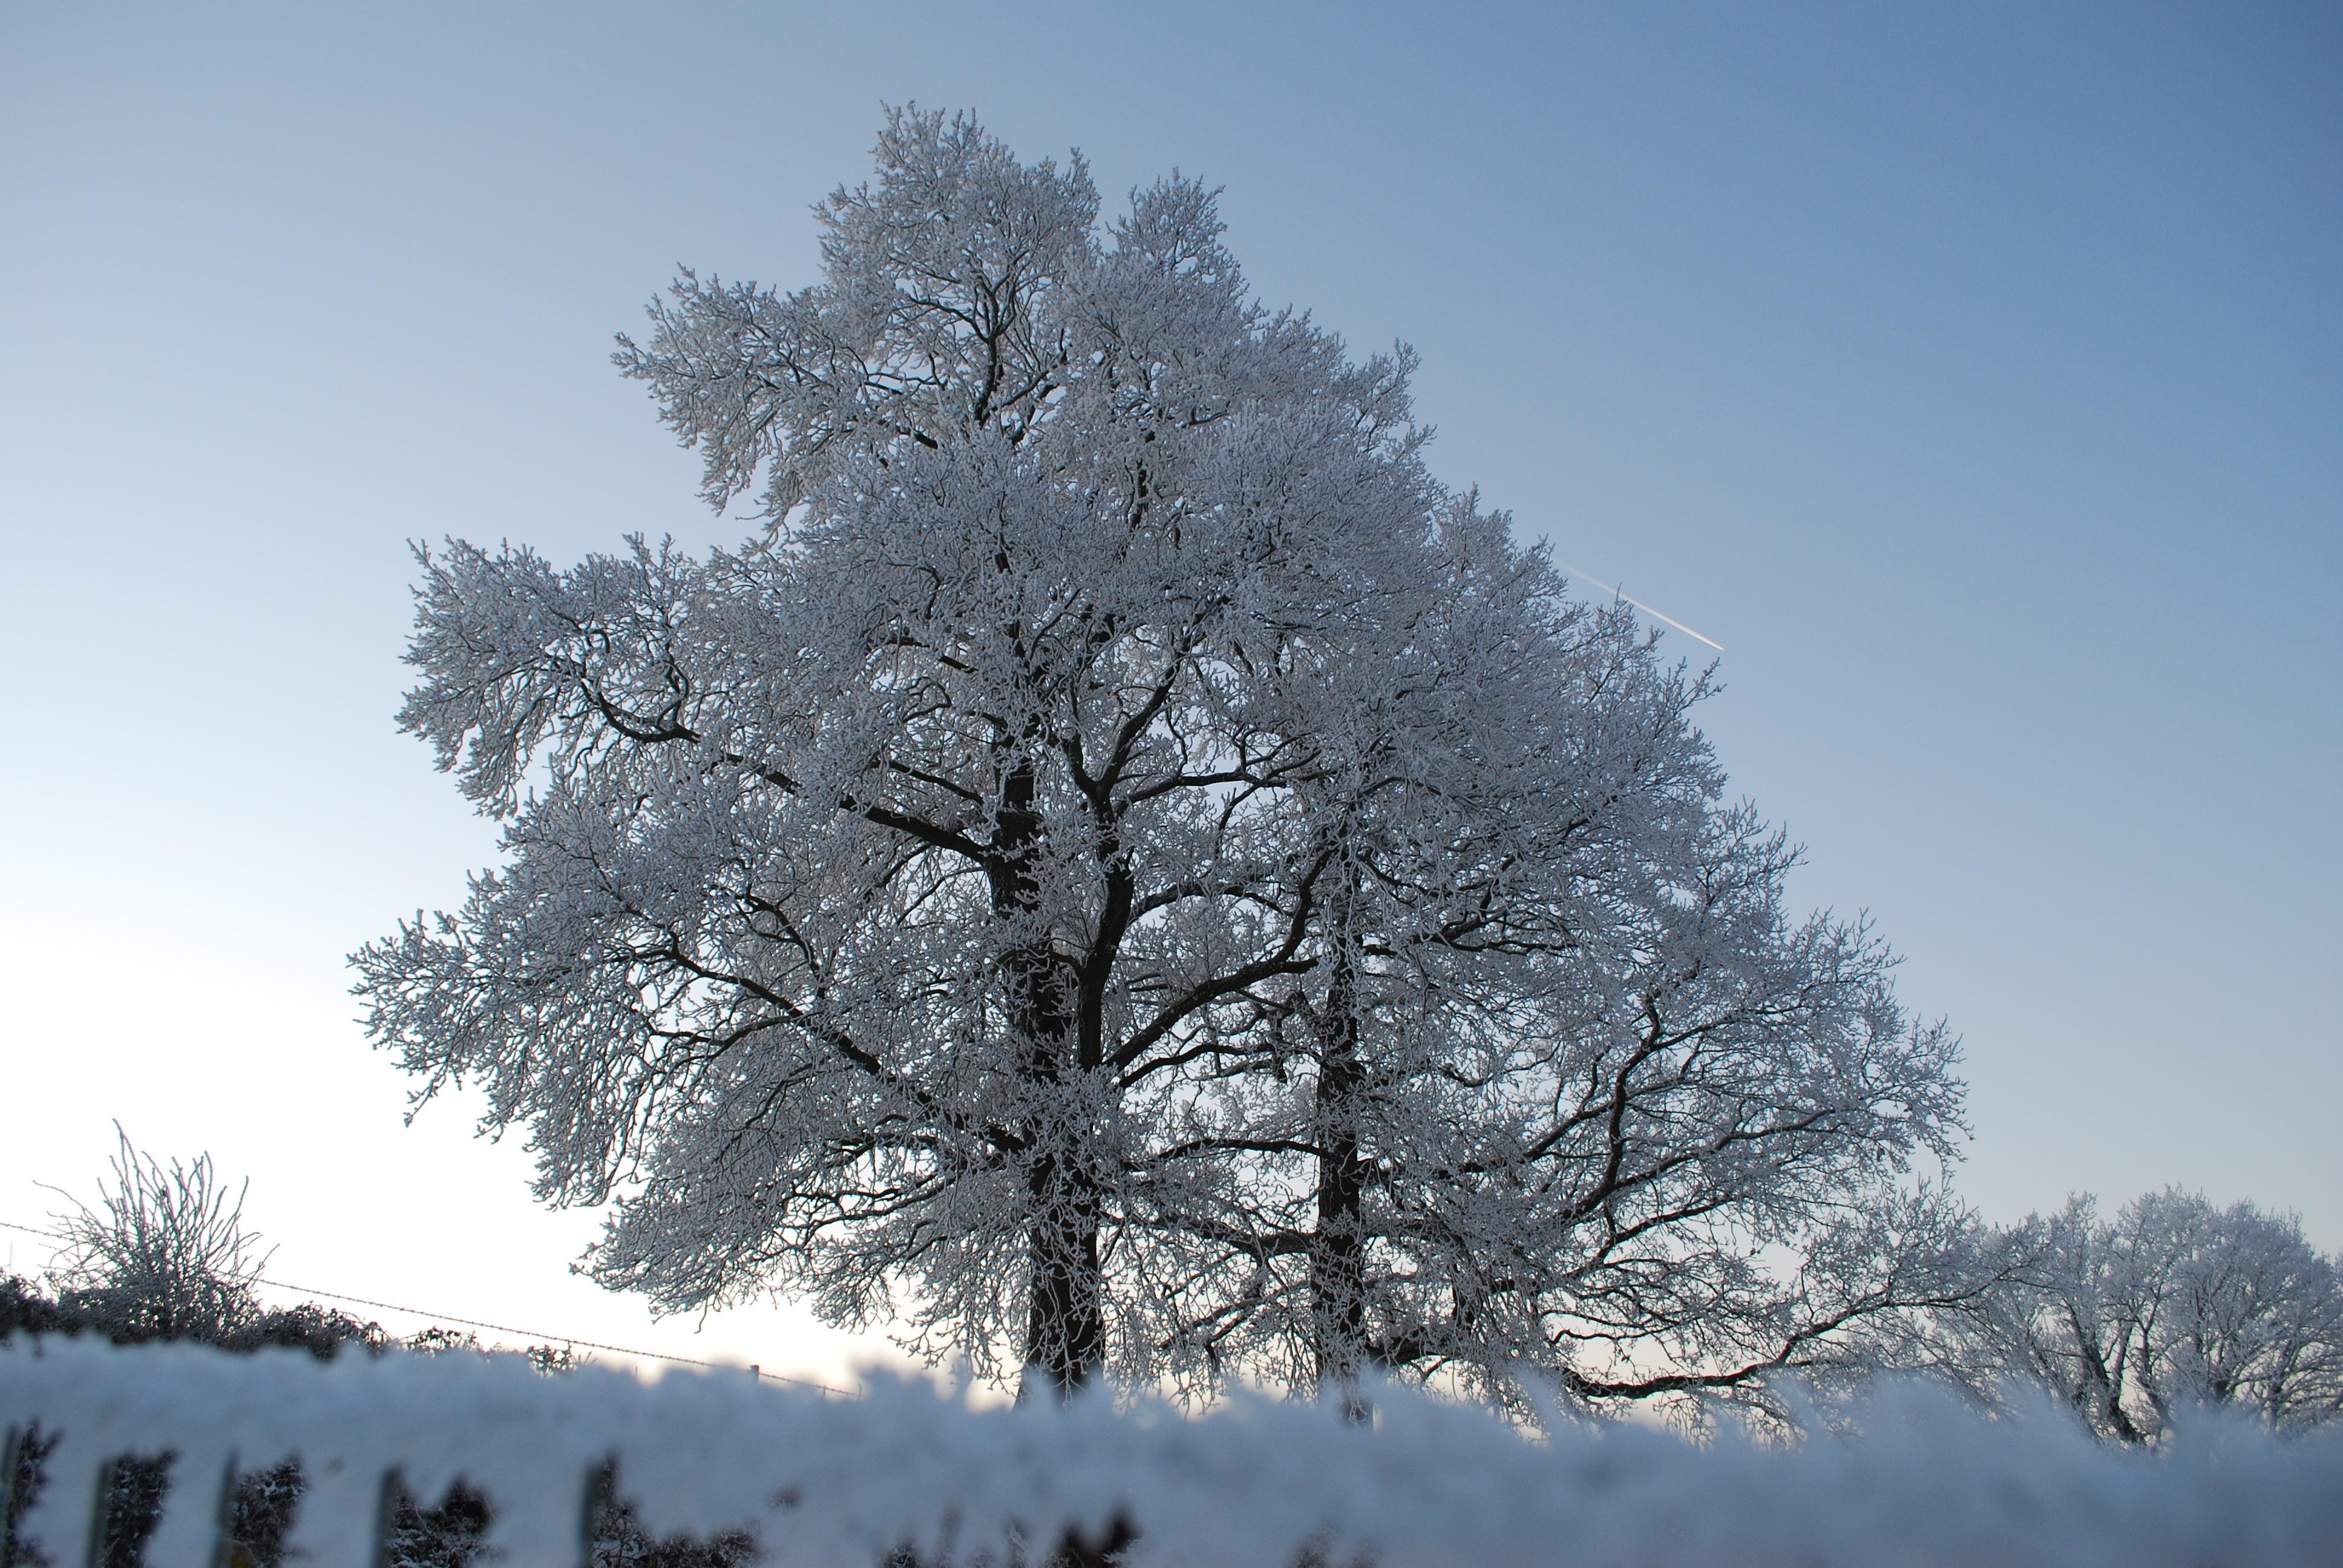 картинка дерево зимой без снега используют, где